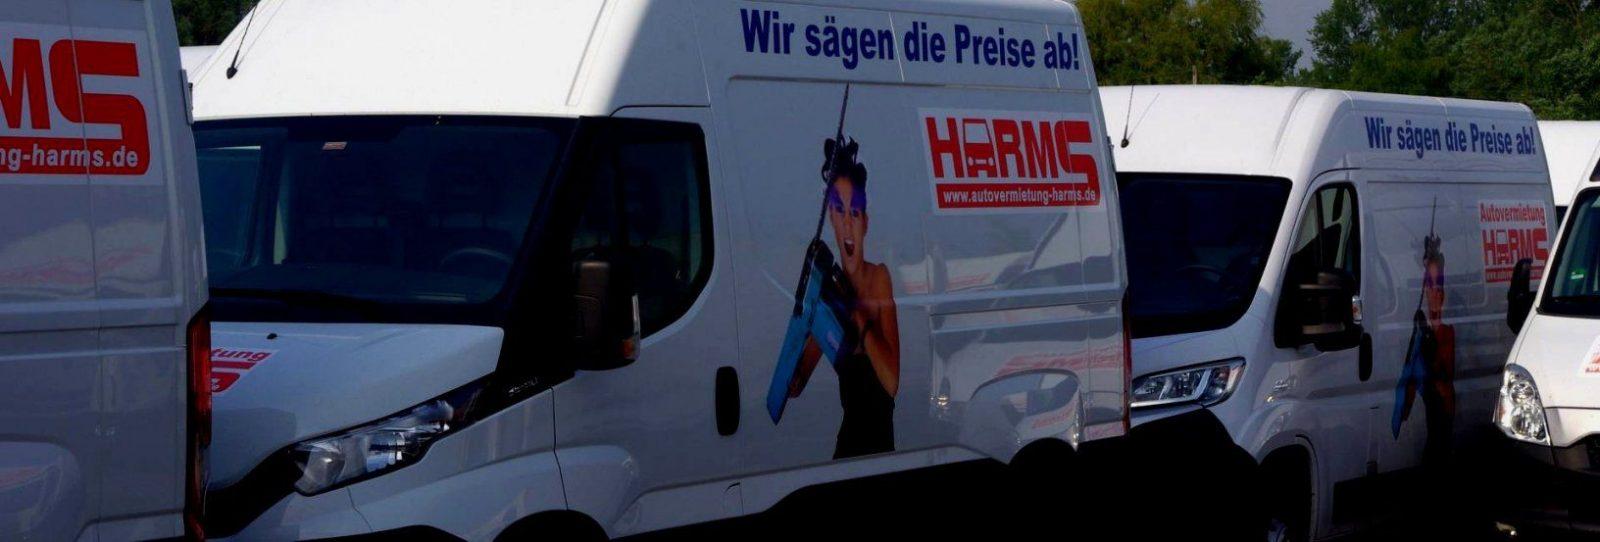 Schon Transporter Mieten Krefeld Poco Awesome With 9768 Dekorieren Von Gunstig Photo